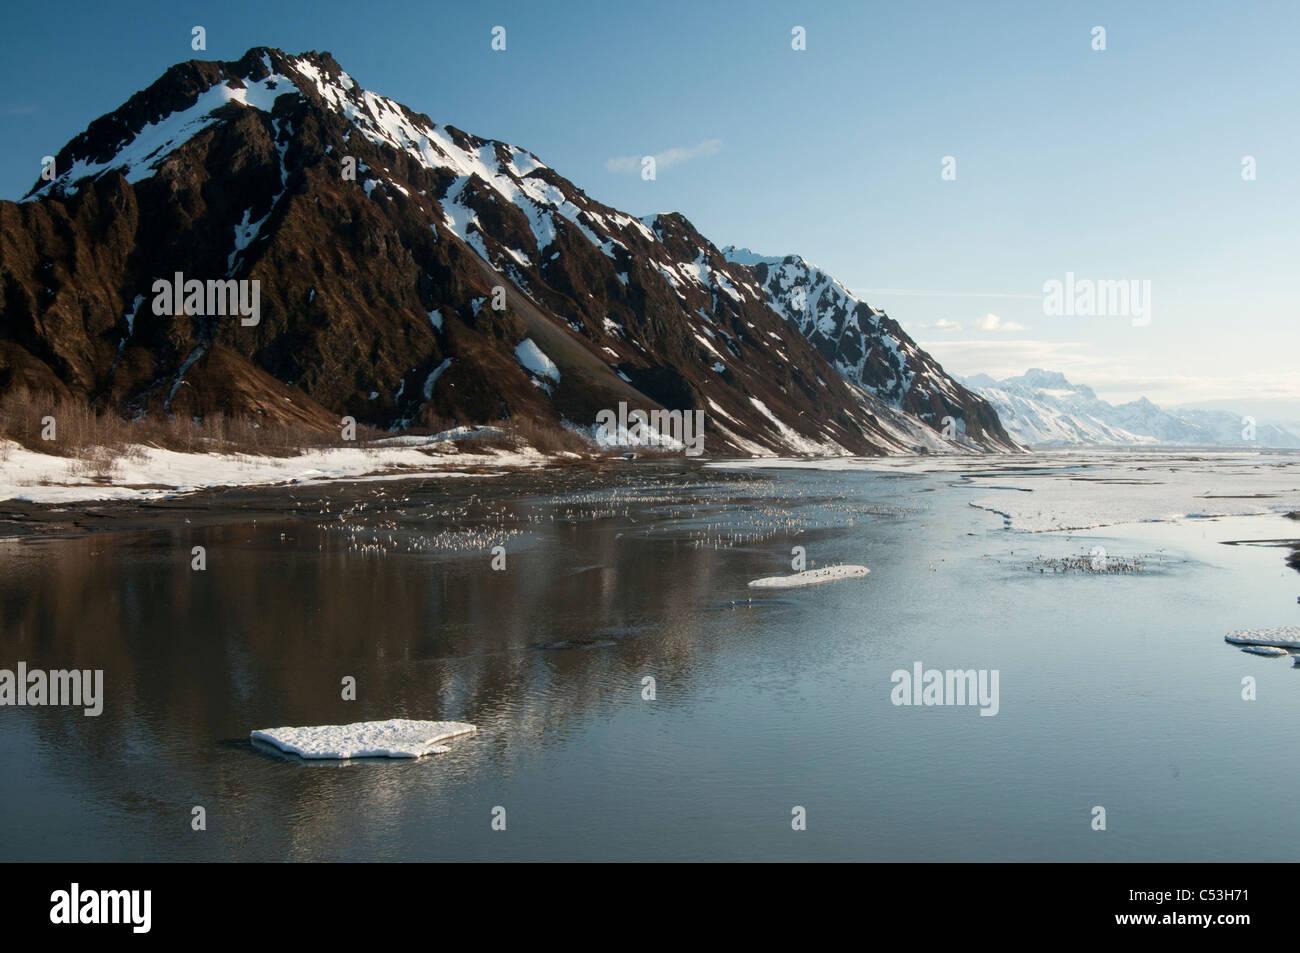 Tausende von Möwen und Frühling Eis versammeln sich auf der Copper River in der Nähe von Flagge Punkt, Stockbild